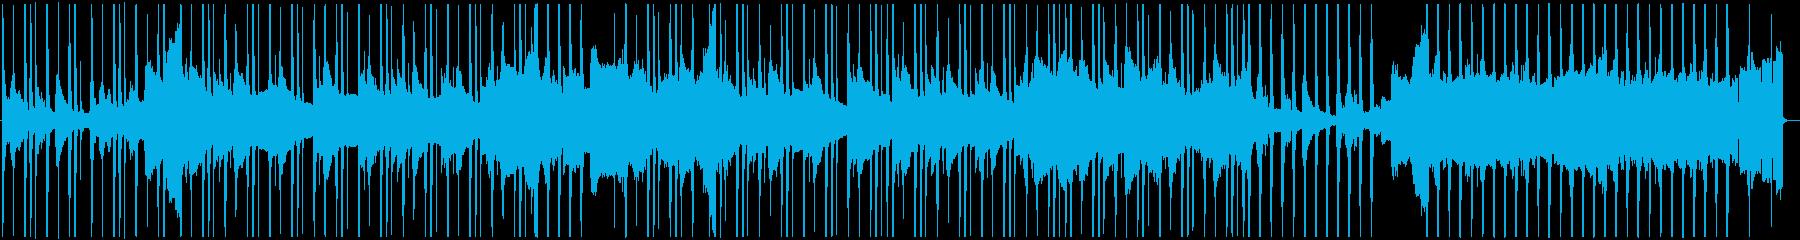 ノスタルジックなLo-Fiピアノインストの再生済みの波形